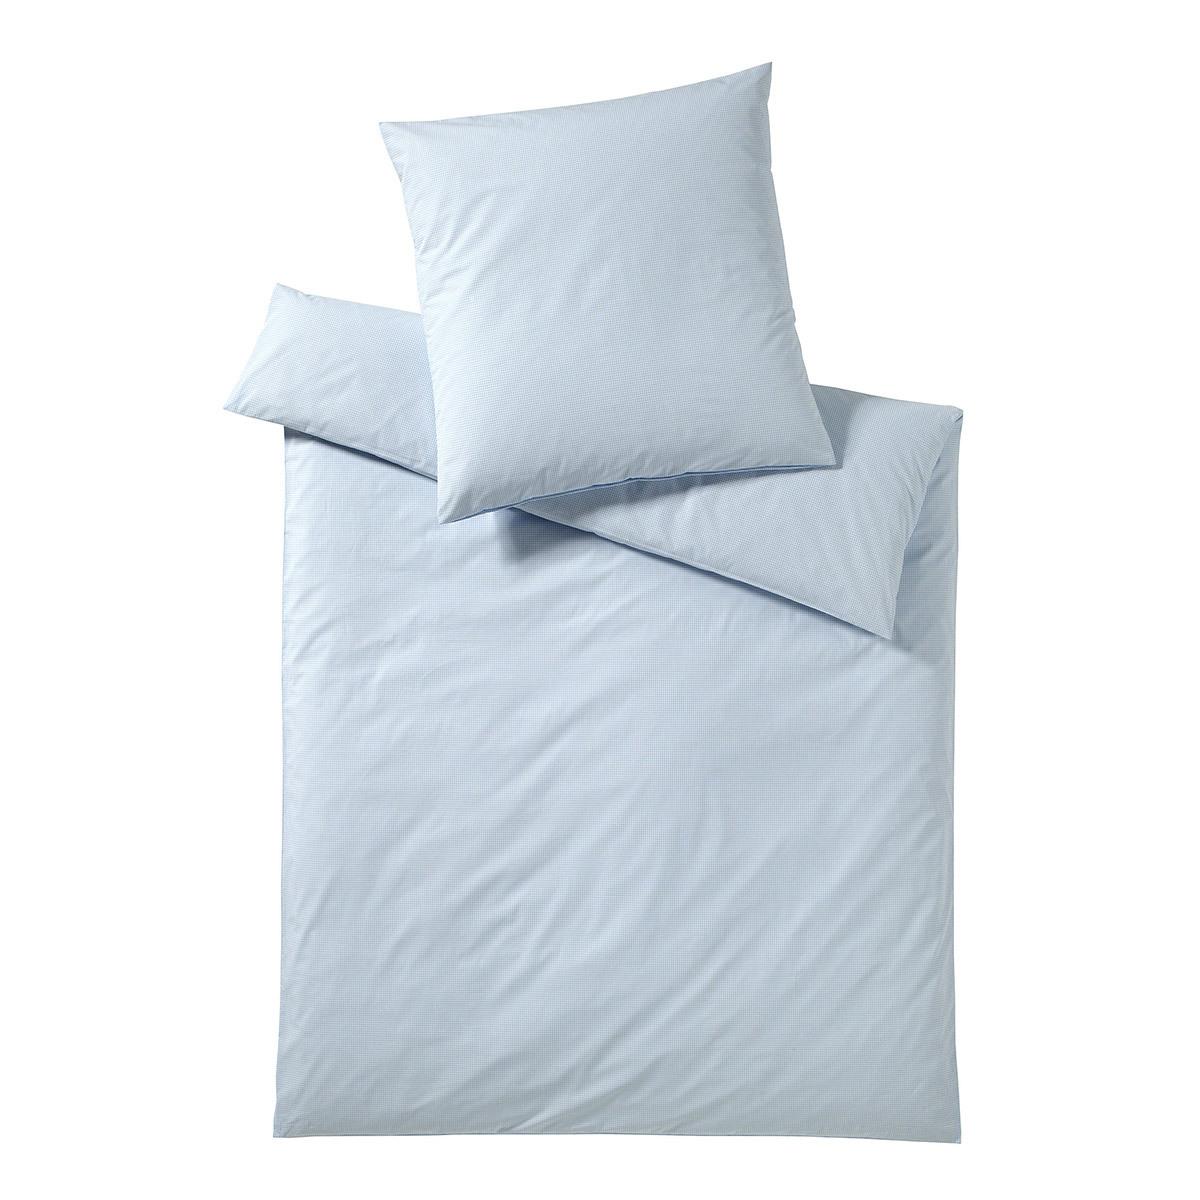 elegante bettw sche vichy hellblau g nstig online kaufen bei bettwaren shop. Black Bedroom Furniture Sets. Home Design Ideas